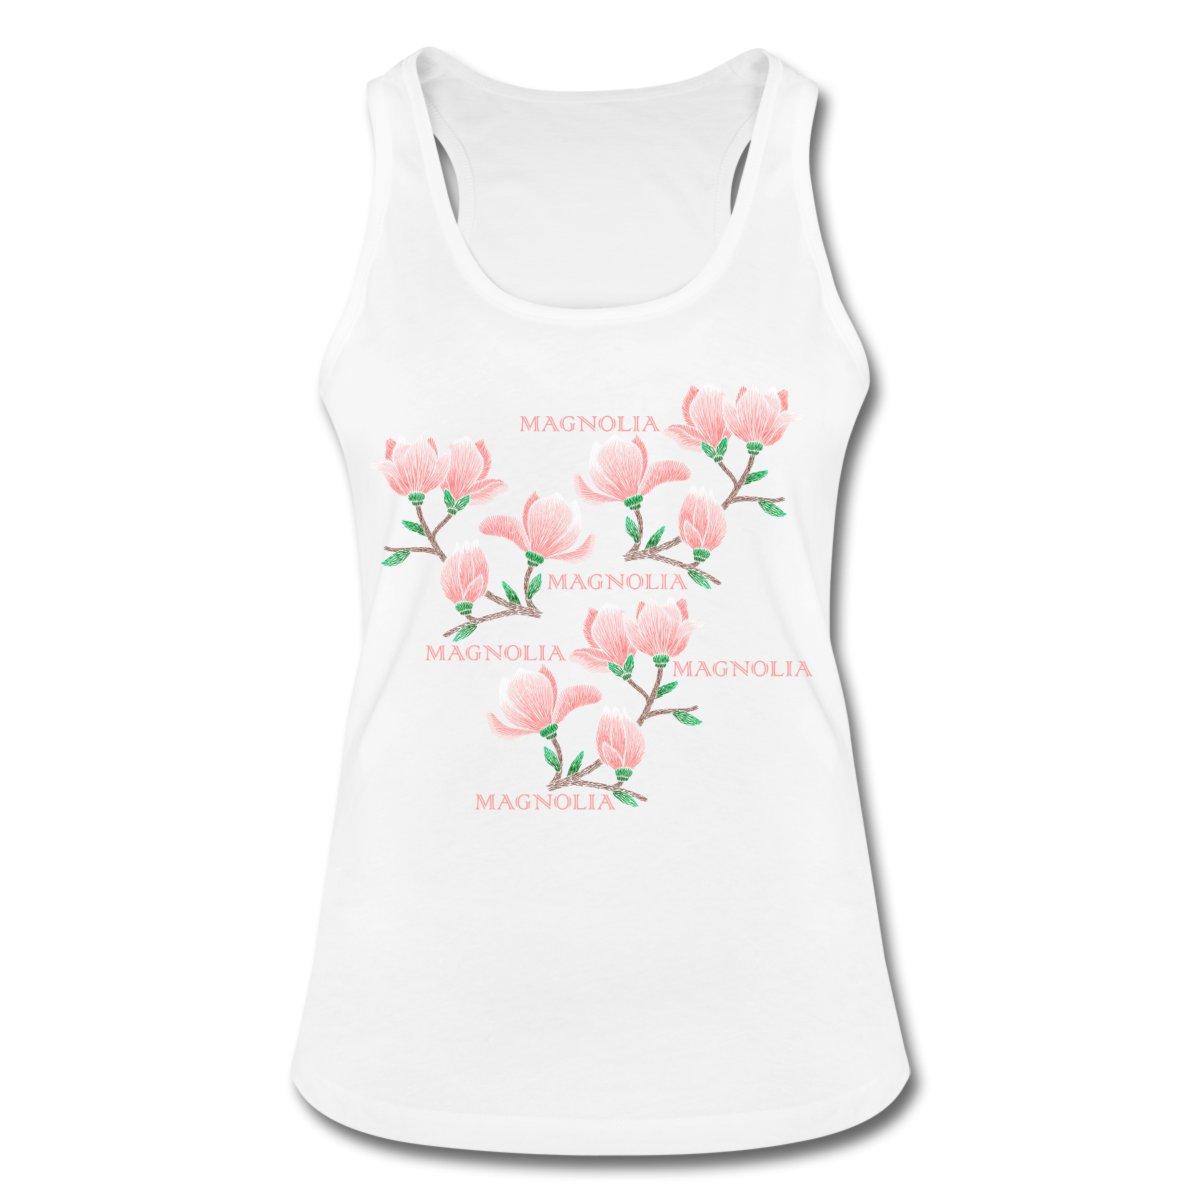 magnolia-ekologisk-tanktopp-dam-v.jpg